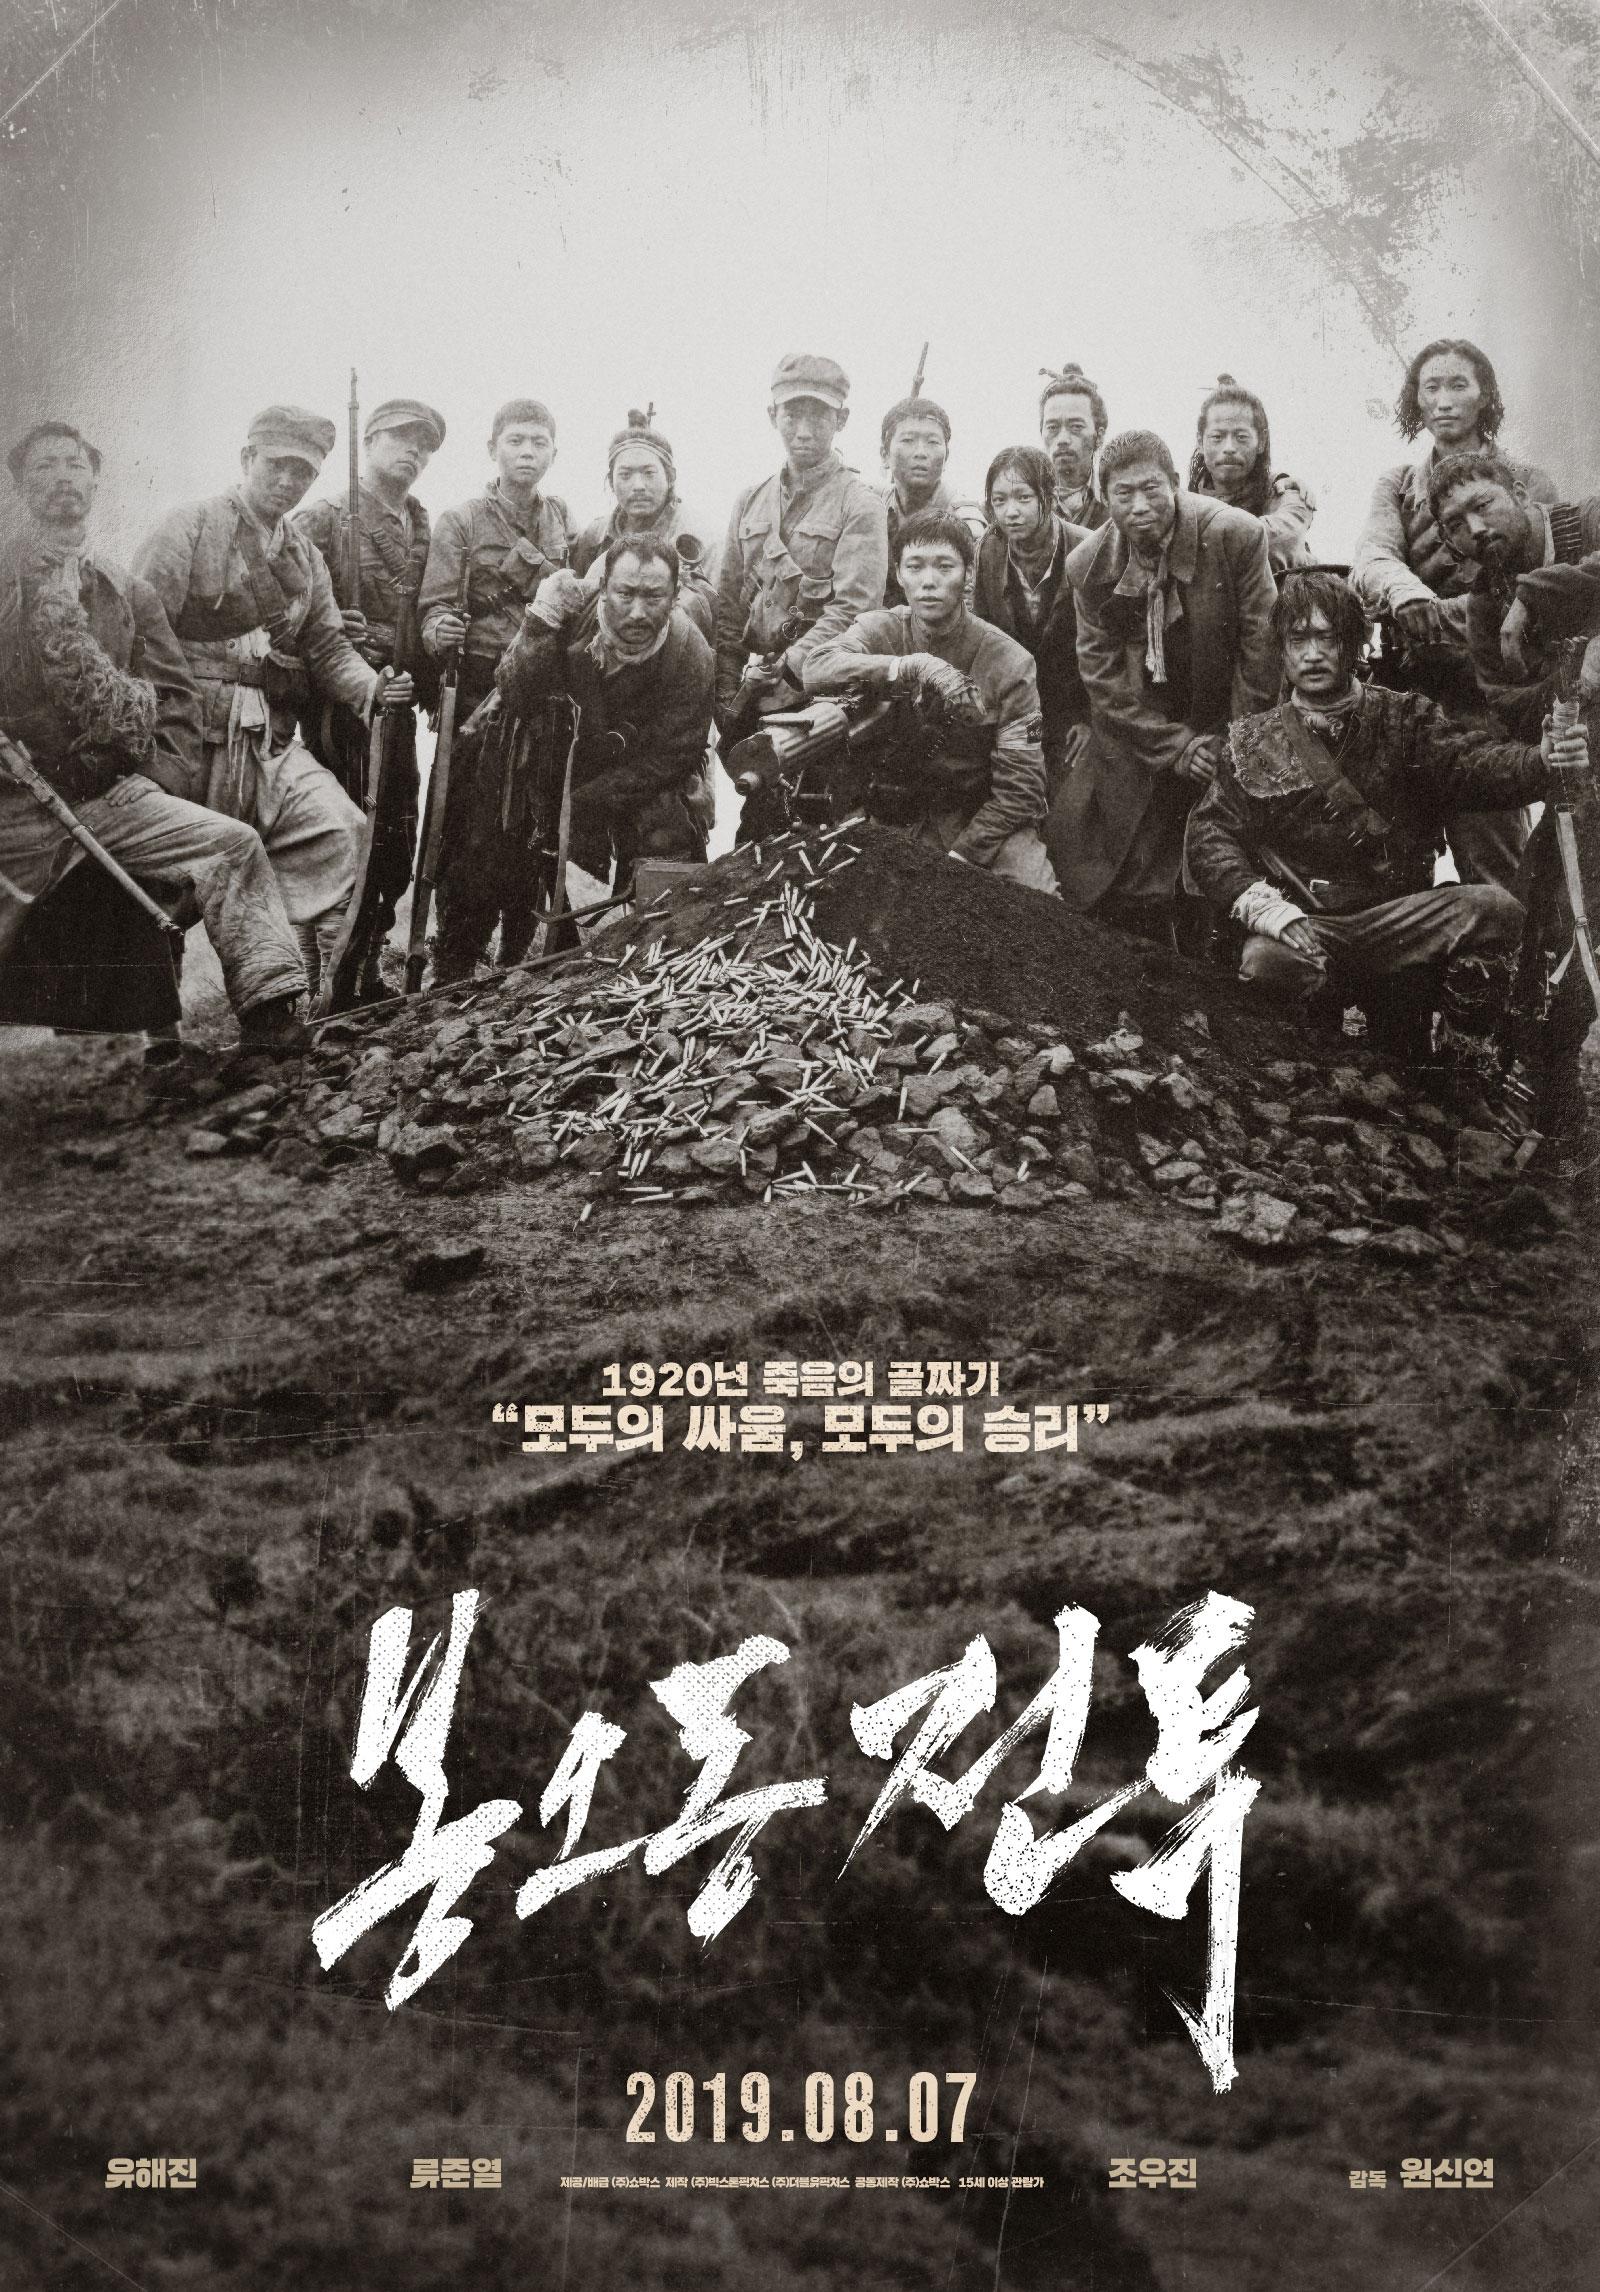 봉오동 전투 (7.0)